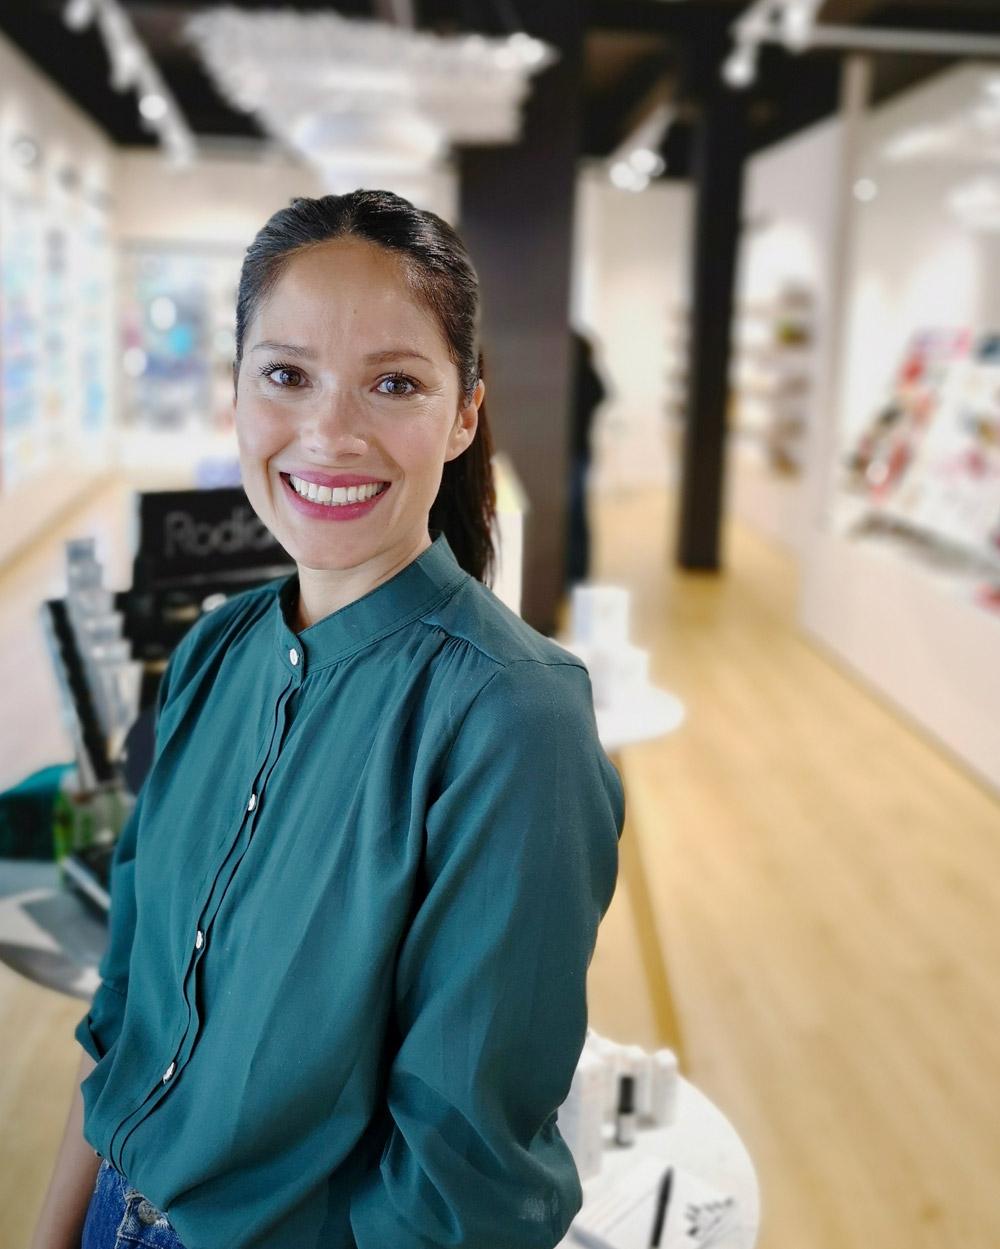 Star-Visagistin und Naturkosmetik-Expertin Lina Hanson verrät die besten Tipps für einen schönen Teint.